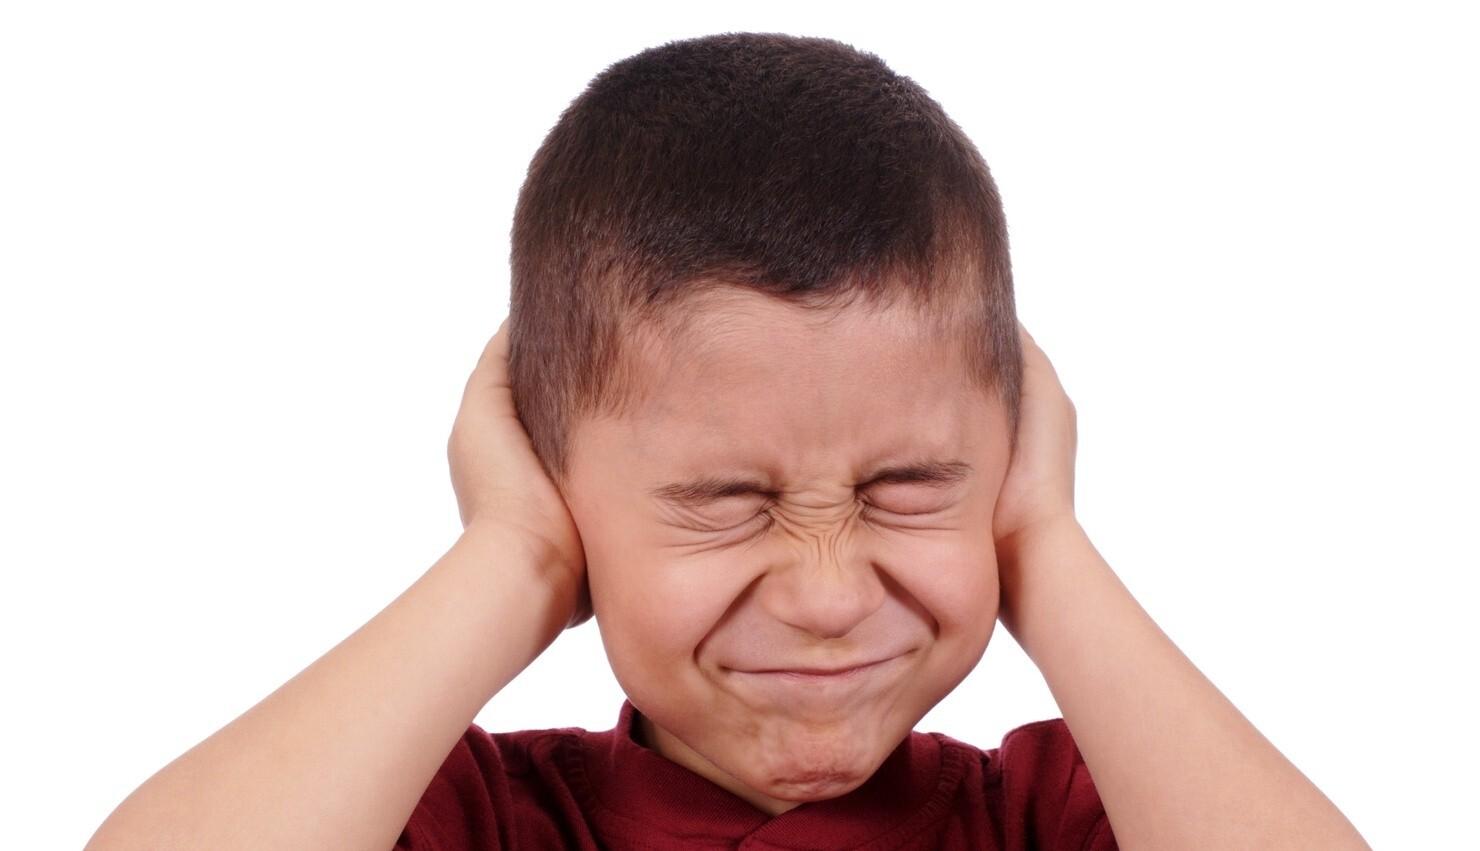 Cinco frases que não devemos dizer às crianças